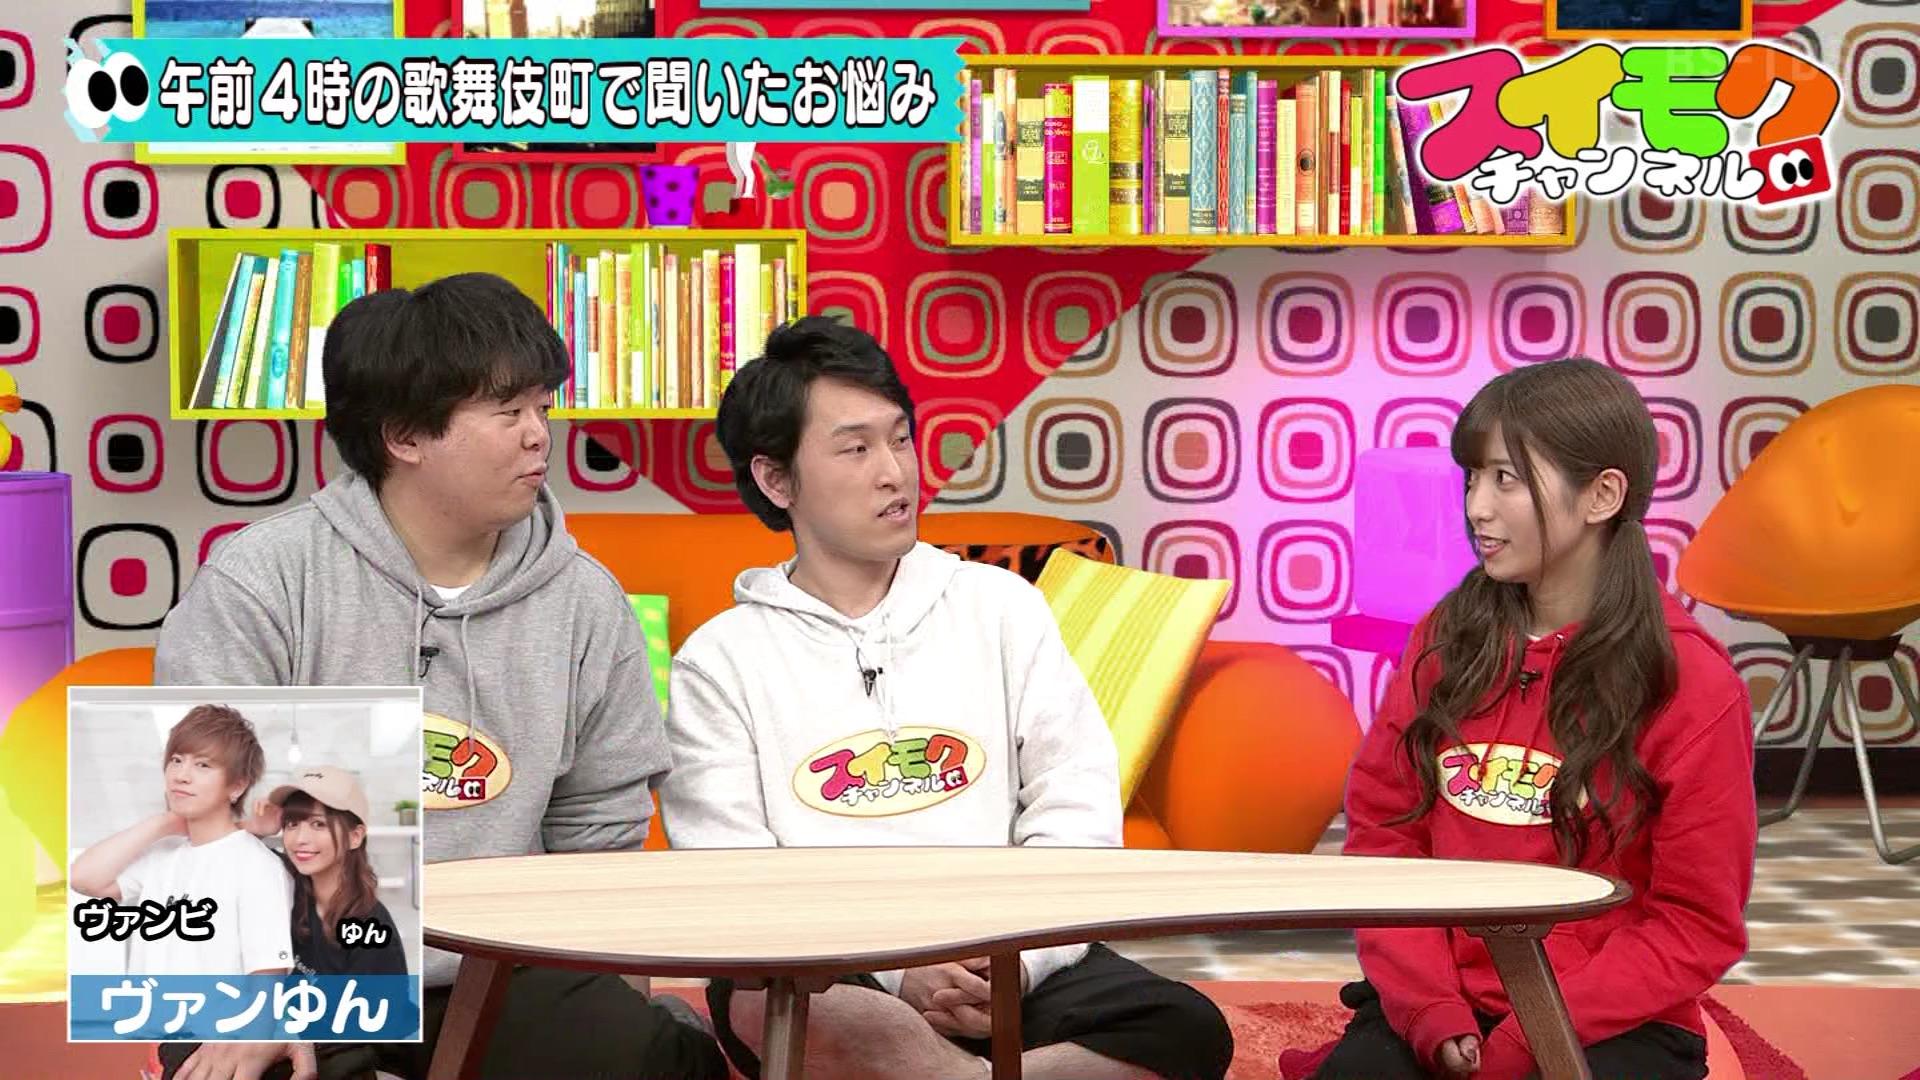 スイ モク チャンネル 【BS-TBS】スイモクちゃんねる -